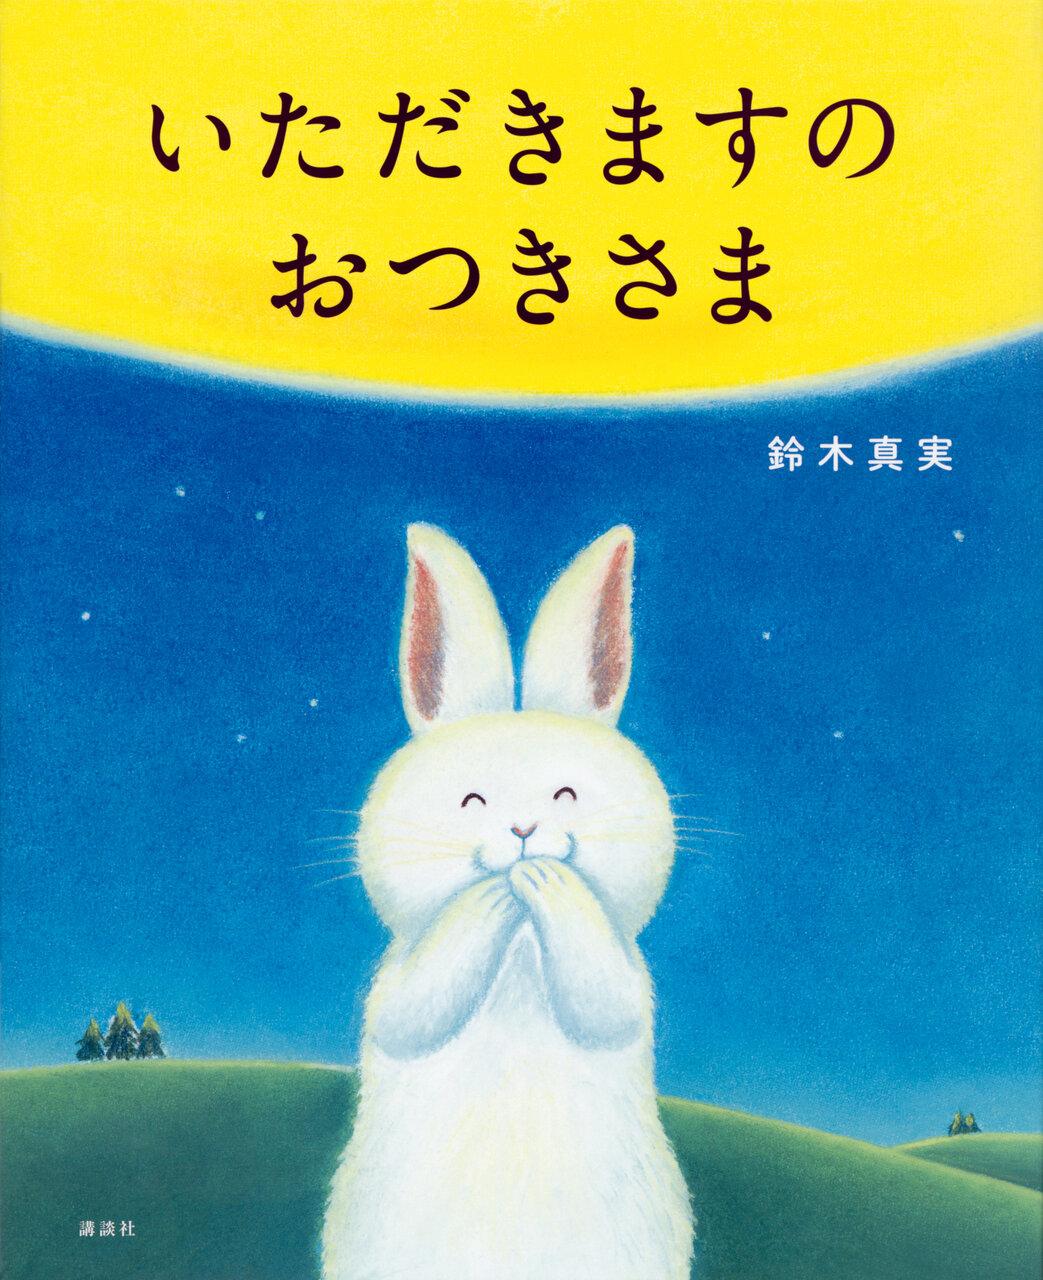 『いただきますの おつきさま』<br> 作:鈴木真実 講談社